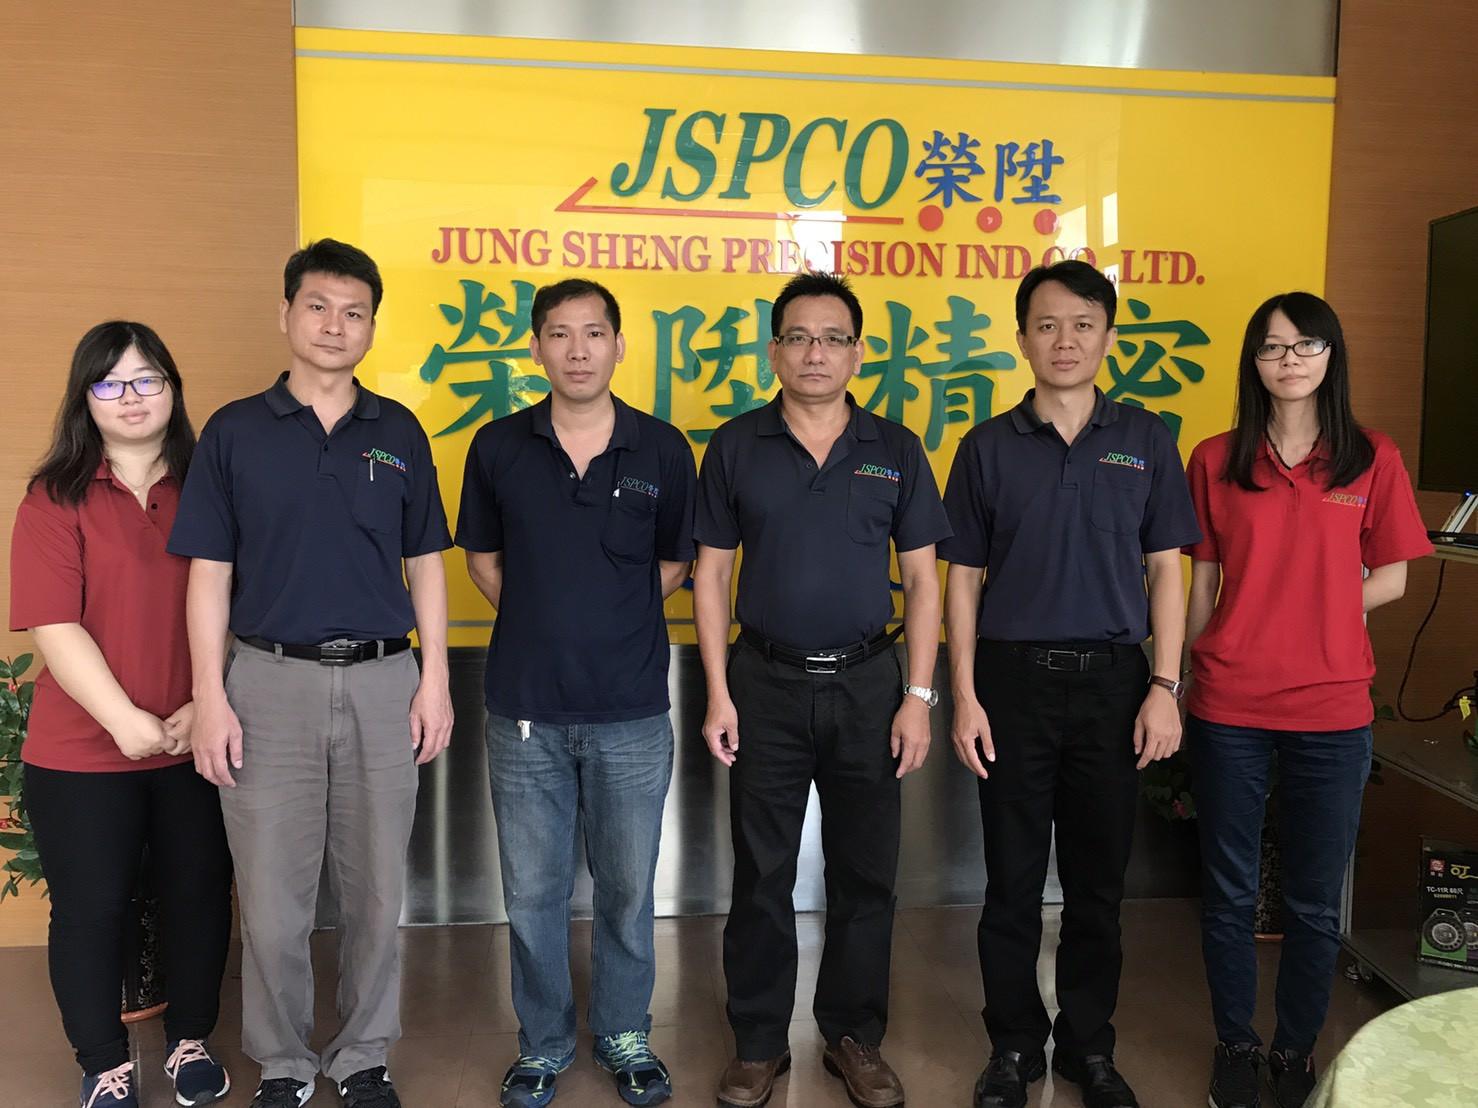 本公司總經理-蘇志霖先生(右三)及其研發團隊